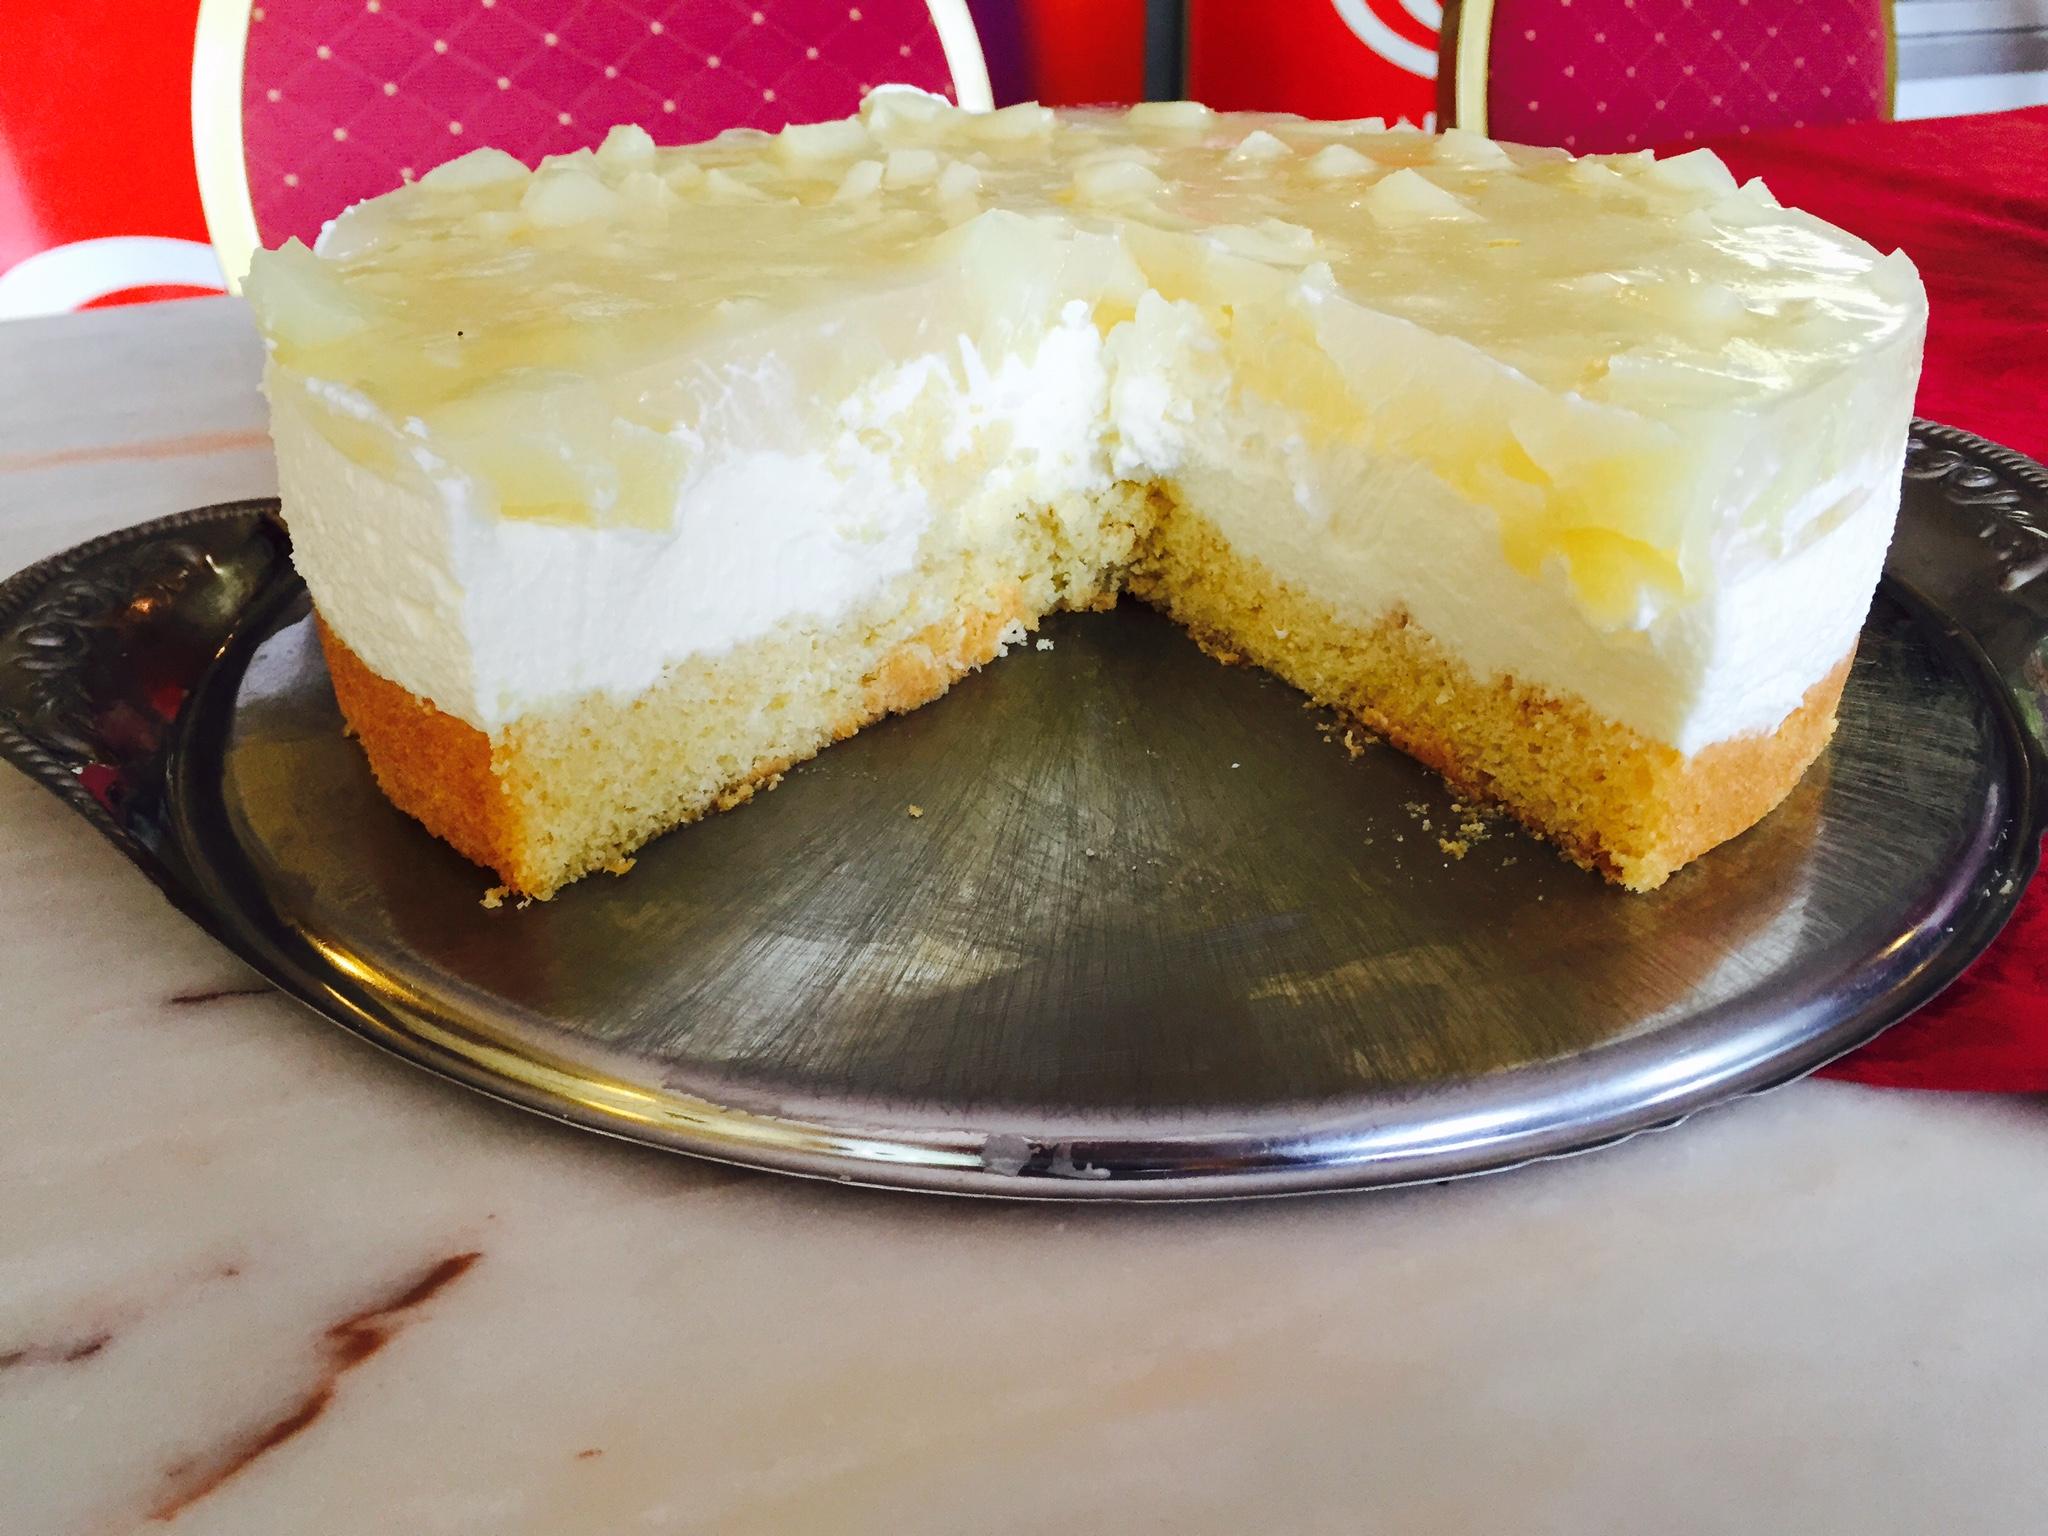 Kuchen zum weitergeben